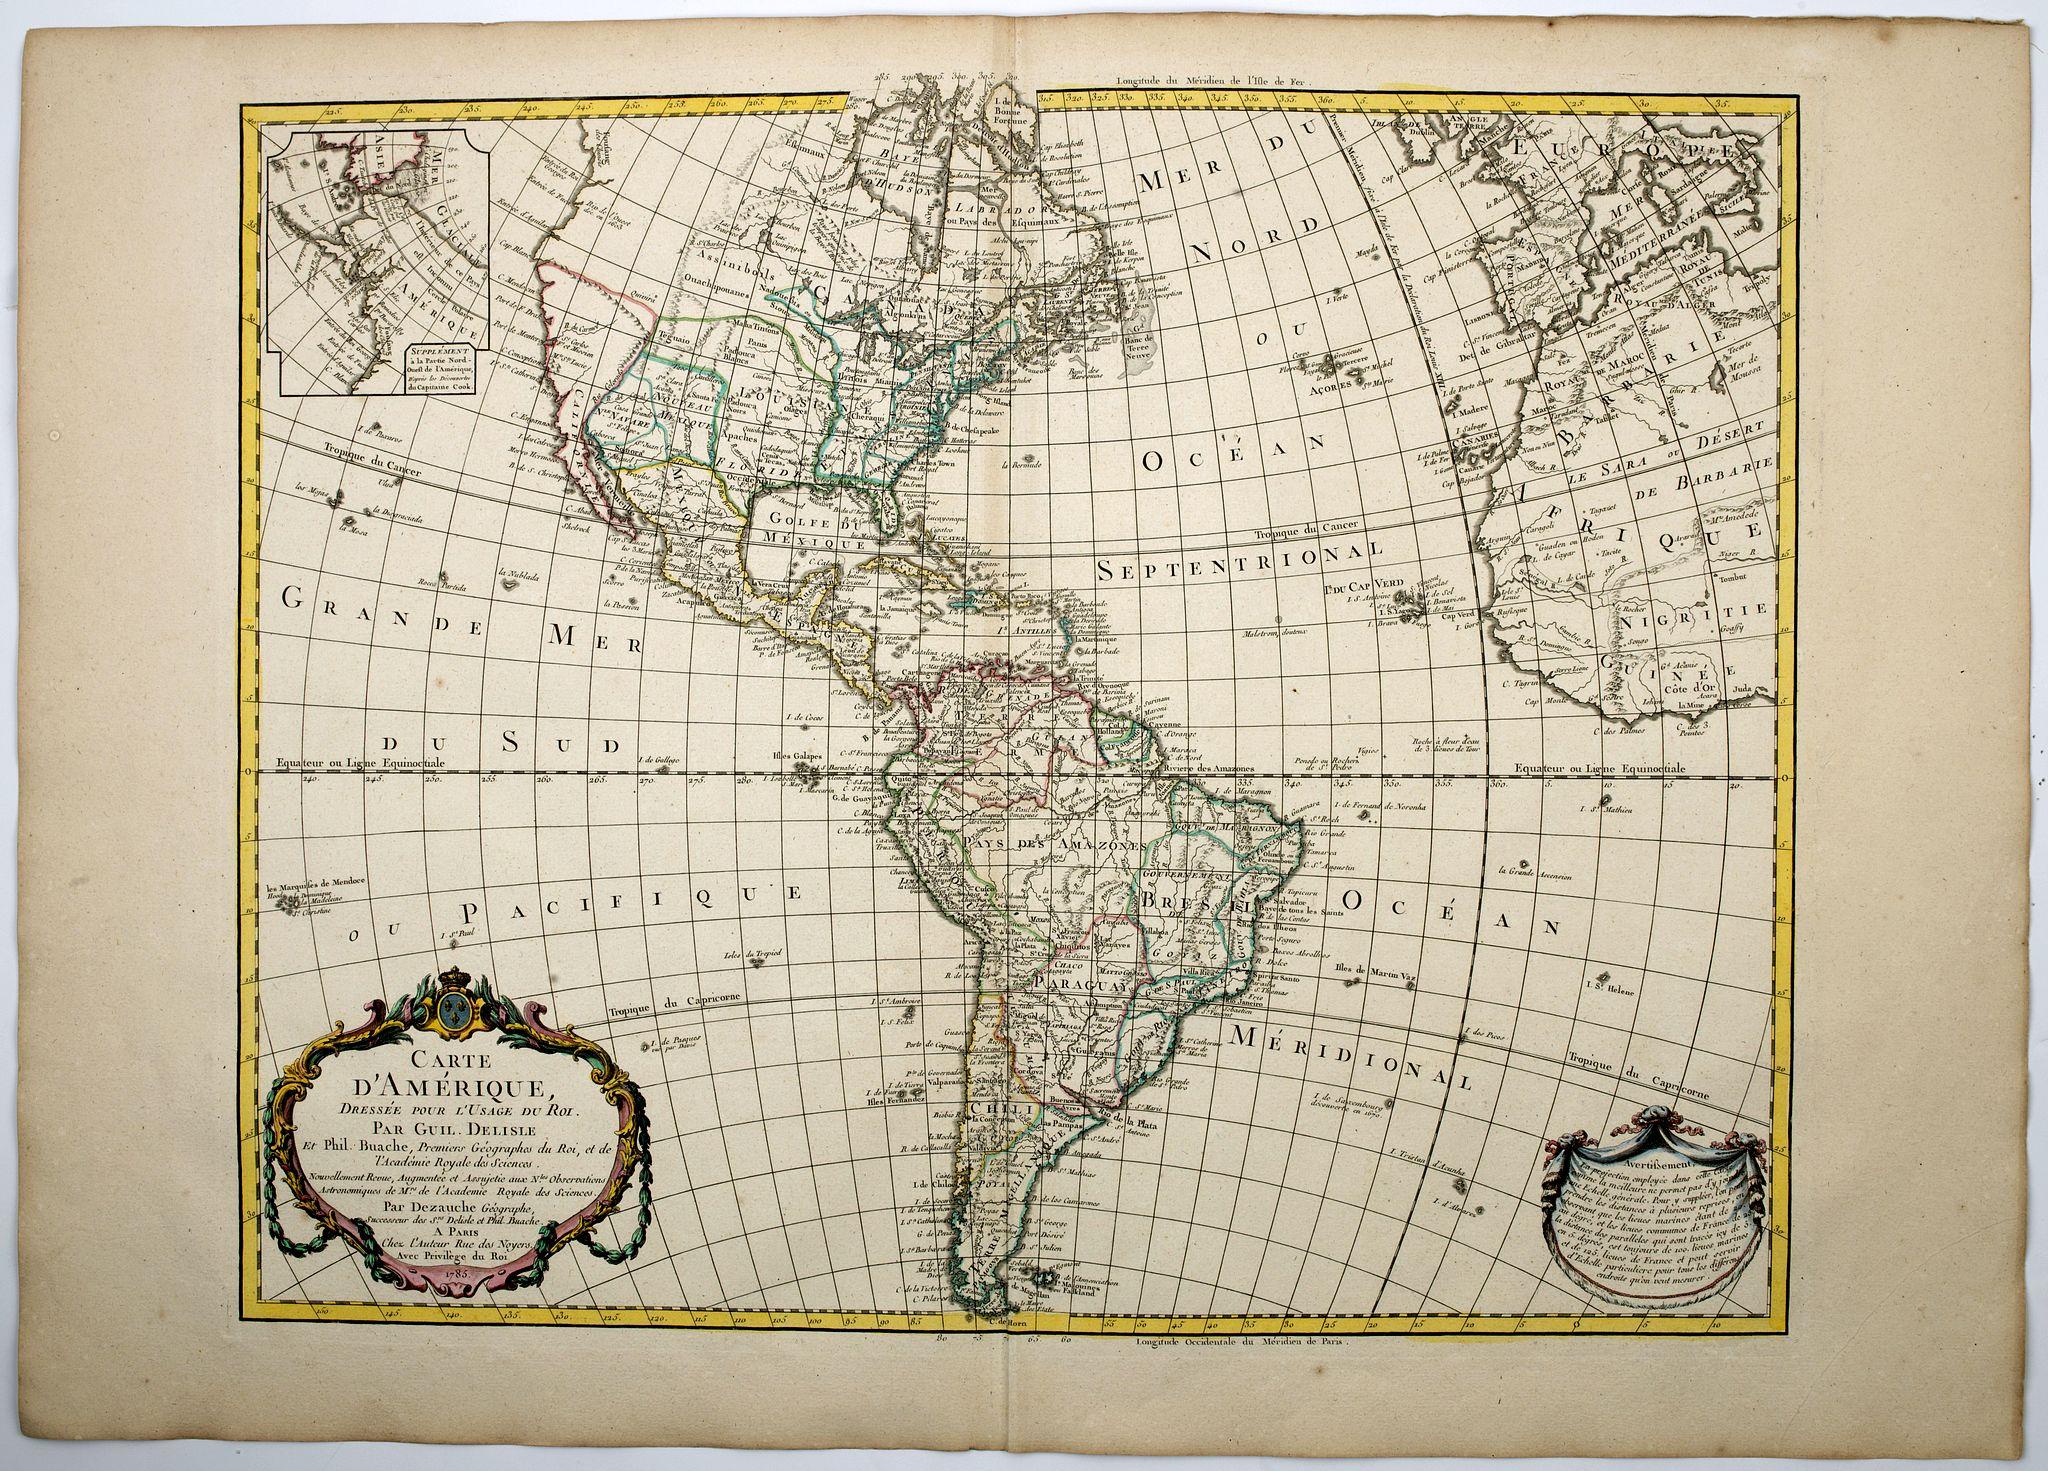 DELISLE / BUACHE / DEZAUCHE. - Carte d'Amerique dressee pour l'Usage du Roi…